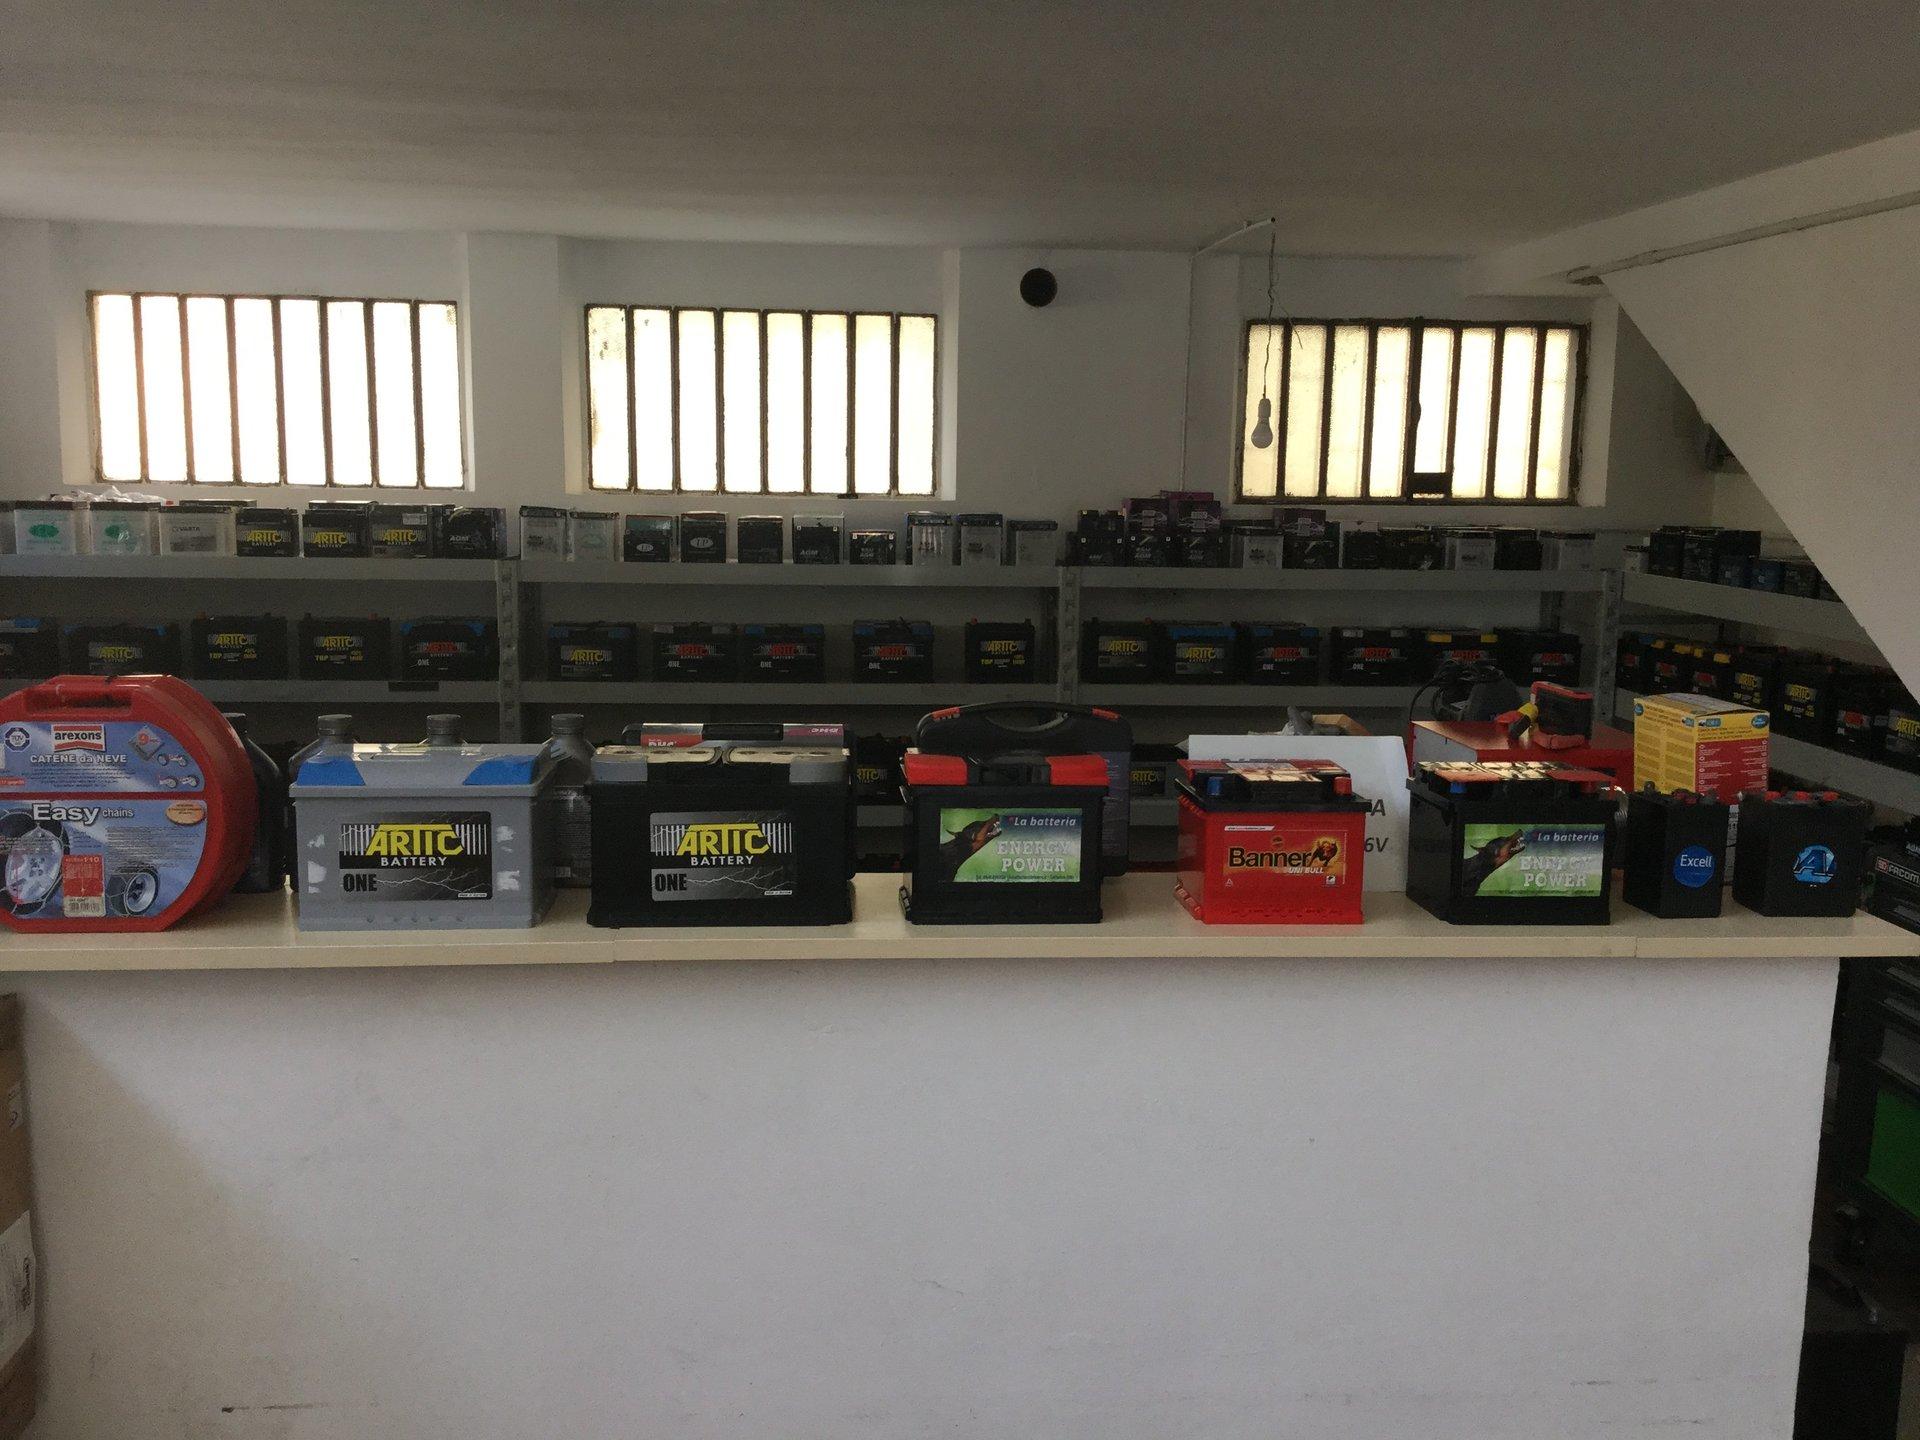 Batterie per automobili in esposizione su bancone